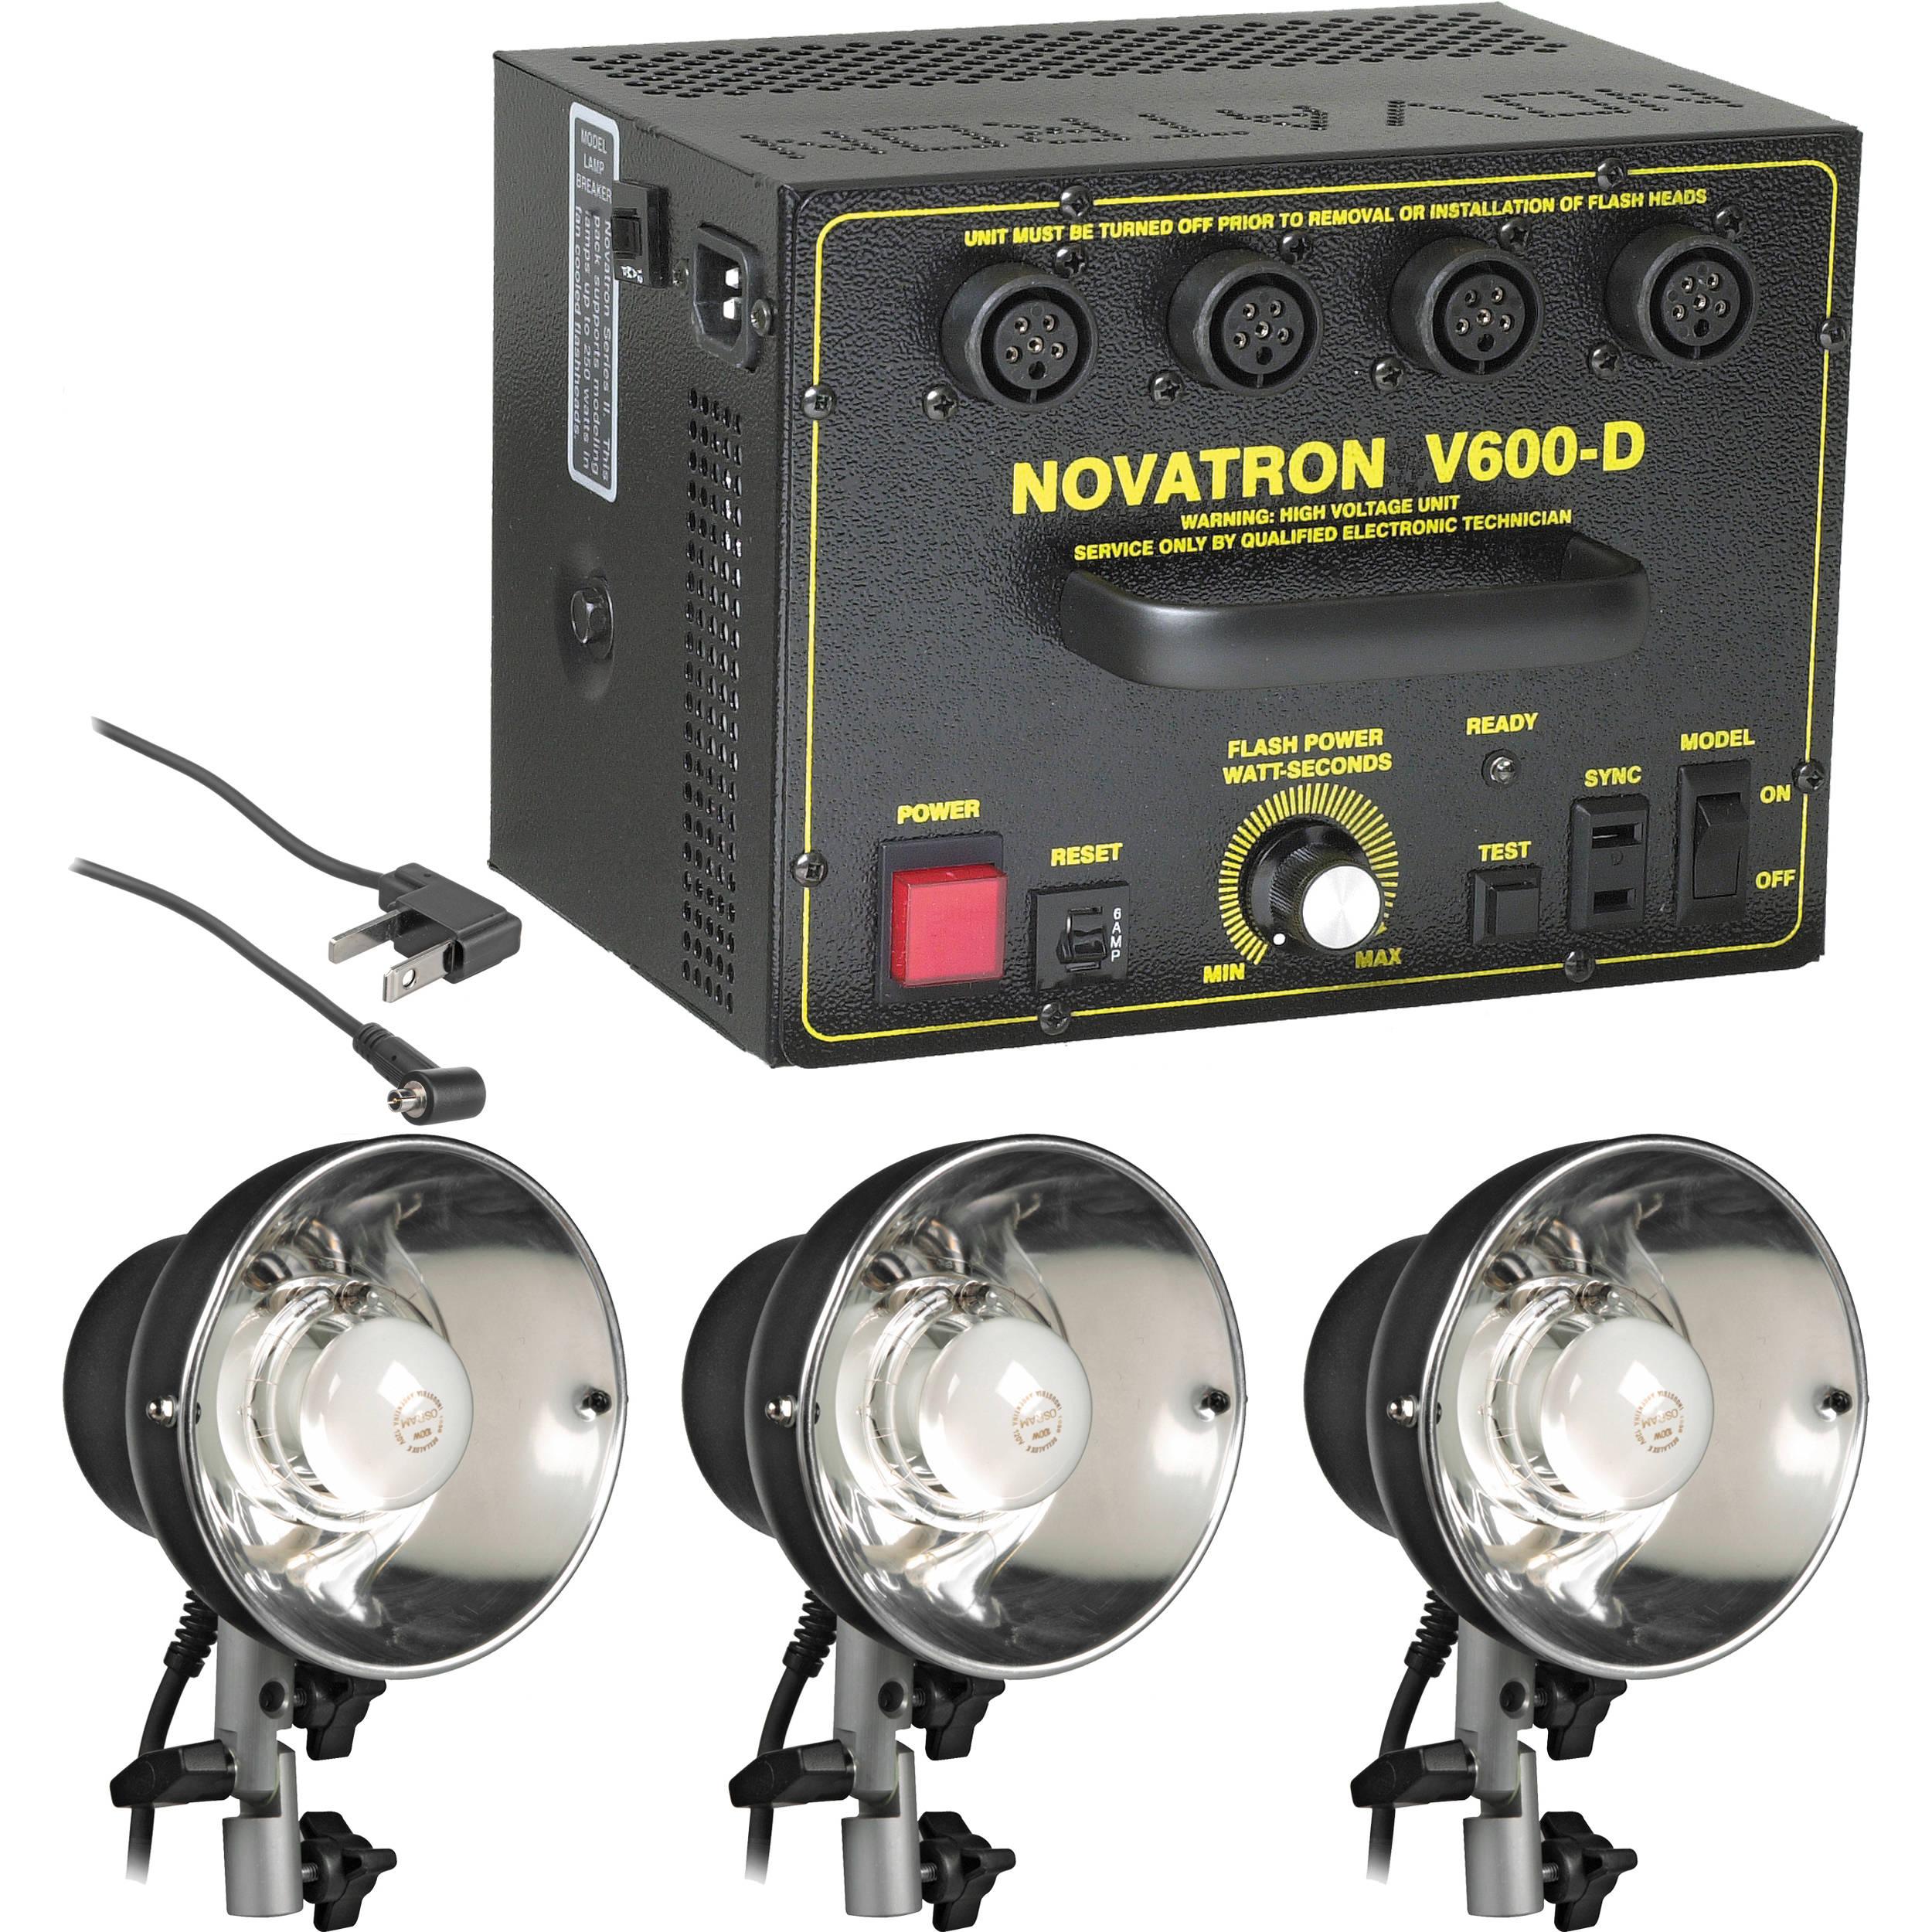 Novatron V600-D 600 W/S 3- Light Kit No Umbrellas Stands  sc 1 st  Bu0026H & Novatron V600-D 600 W/S 3- Light Kit No Umbrellas NPHGV6003 Bu0026H azcodes.com